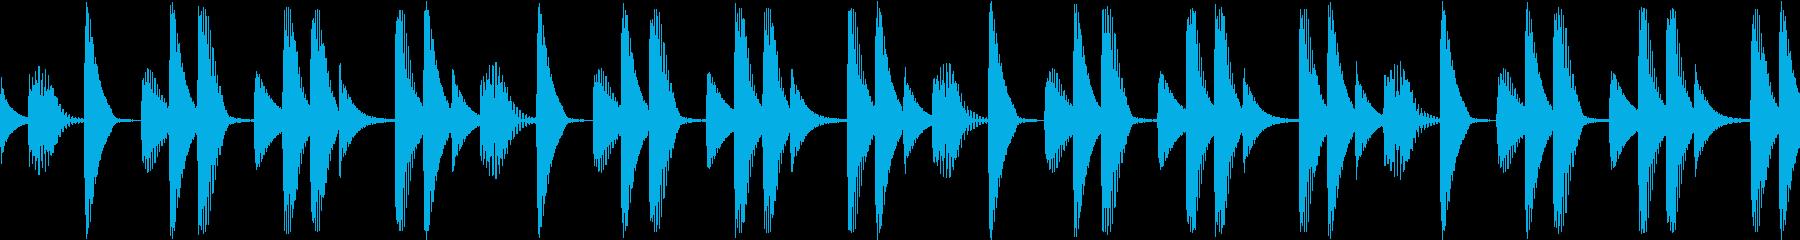 Techno ベース 3 音楽制作用の再生済みの波形